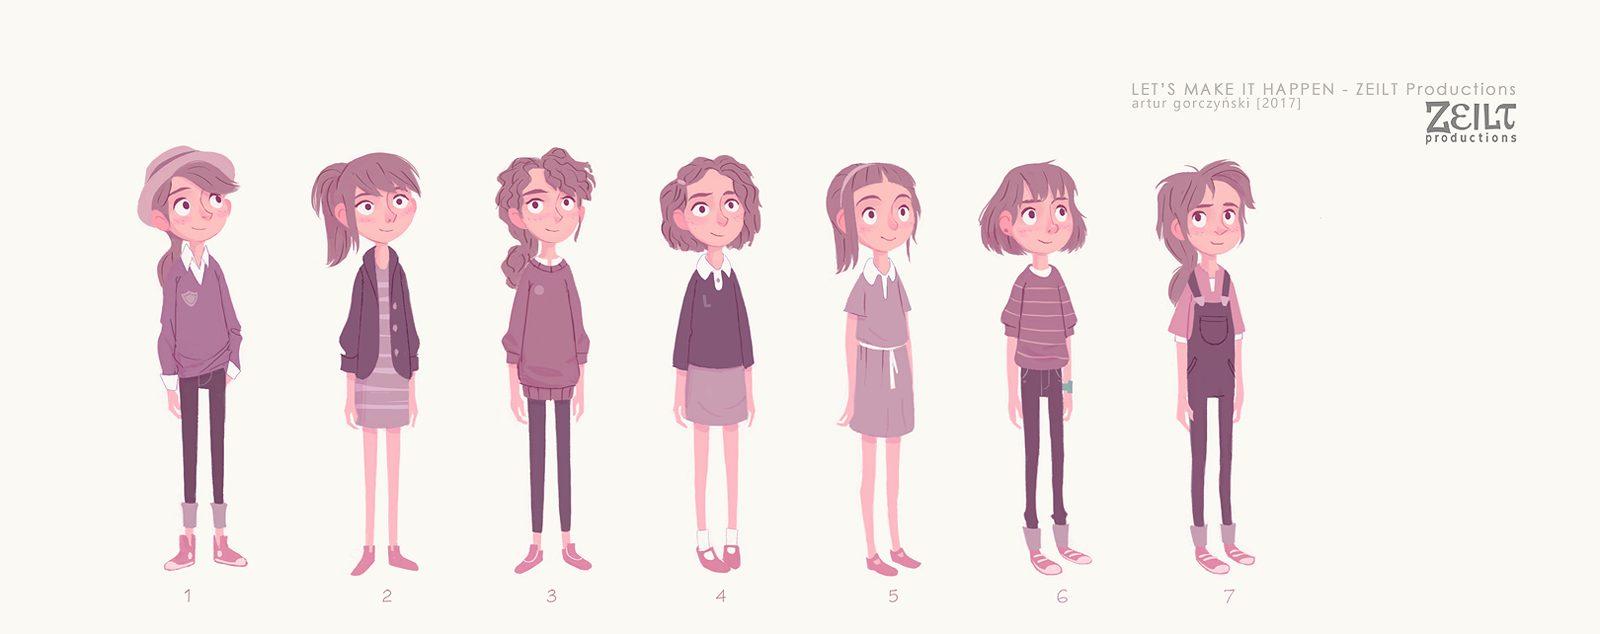 Cortometraje de animación 3d-Spot-Publicidad-Let's make it happen